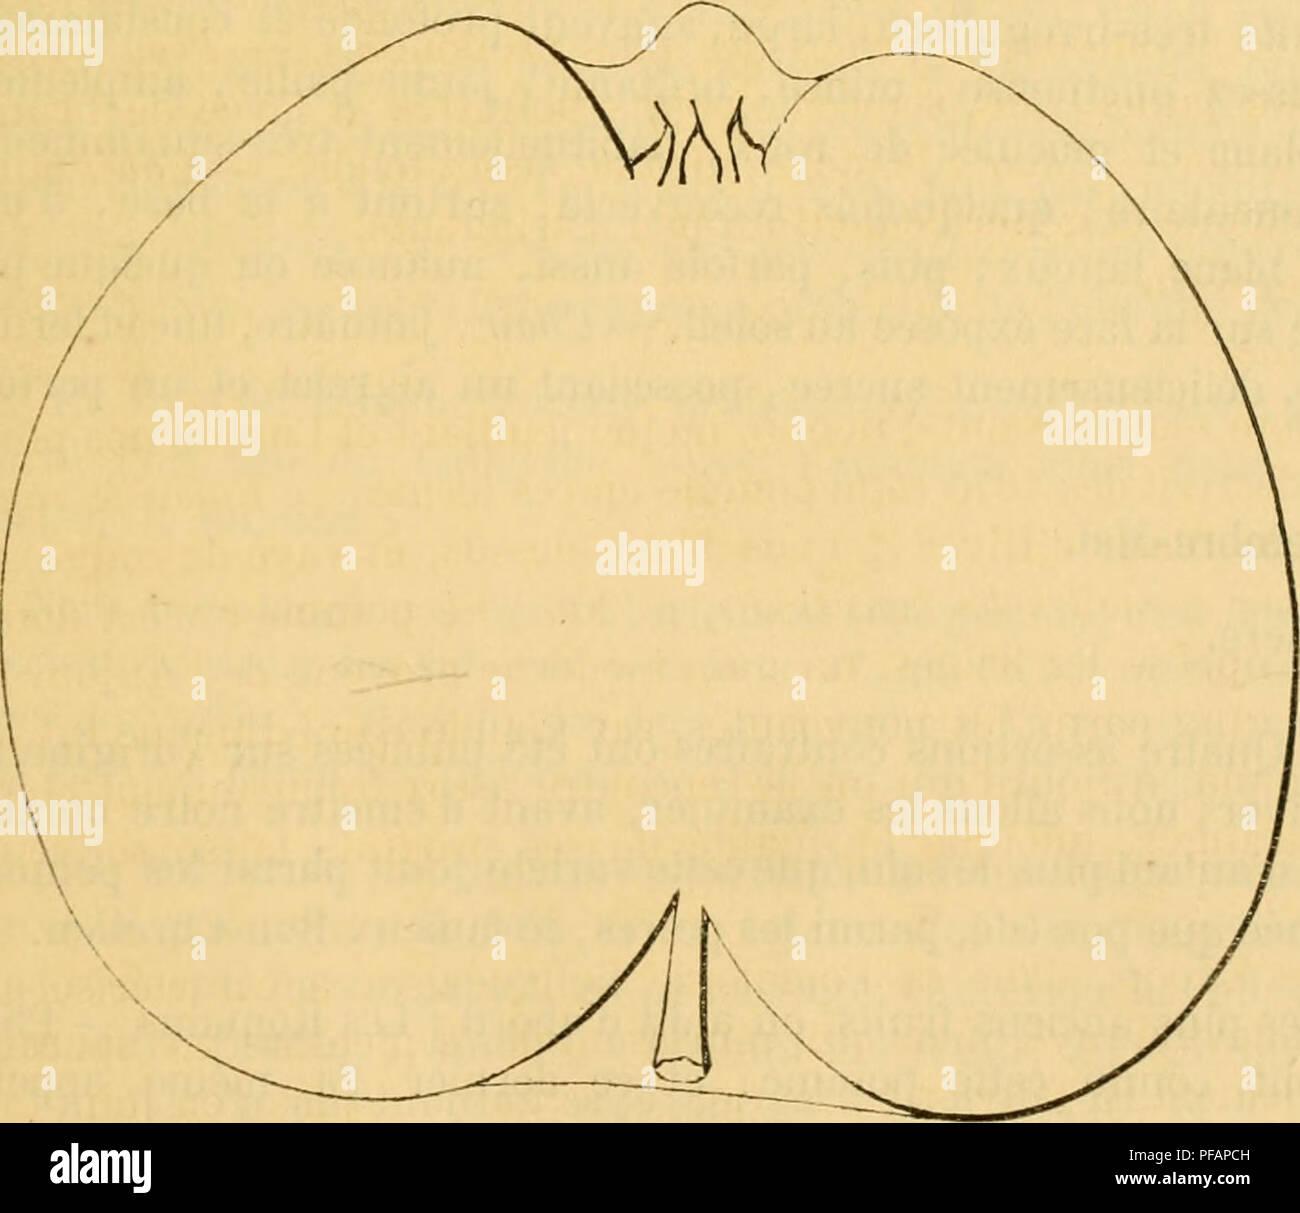 Ld 2 Stock Photos Images Page Alamy Wiring Diagram Bolens Estate Keeper Dictionnaire De Pomologie Contenant Lhistoire La Description Figure Des